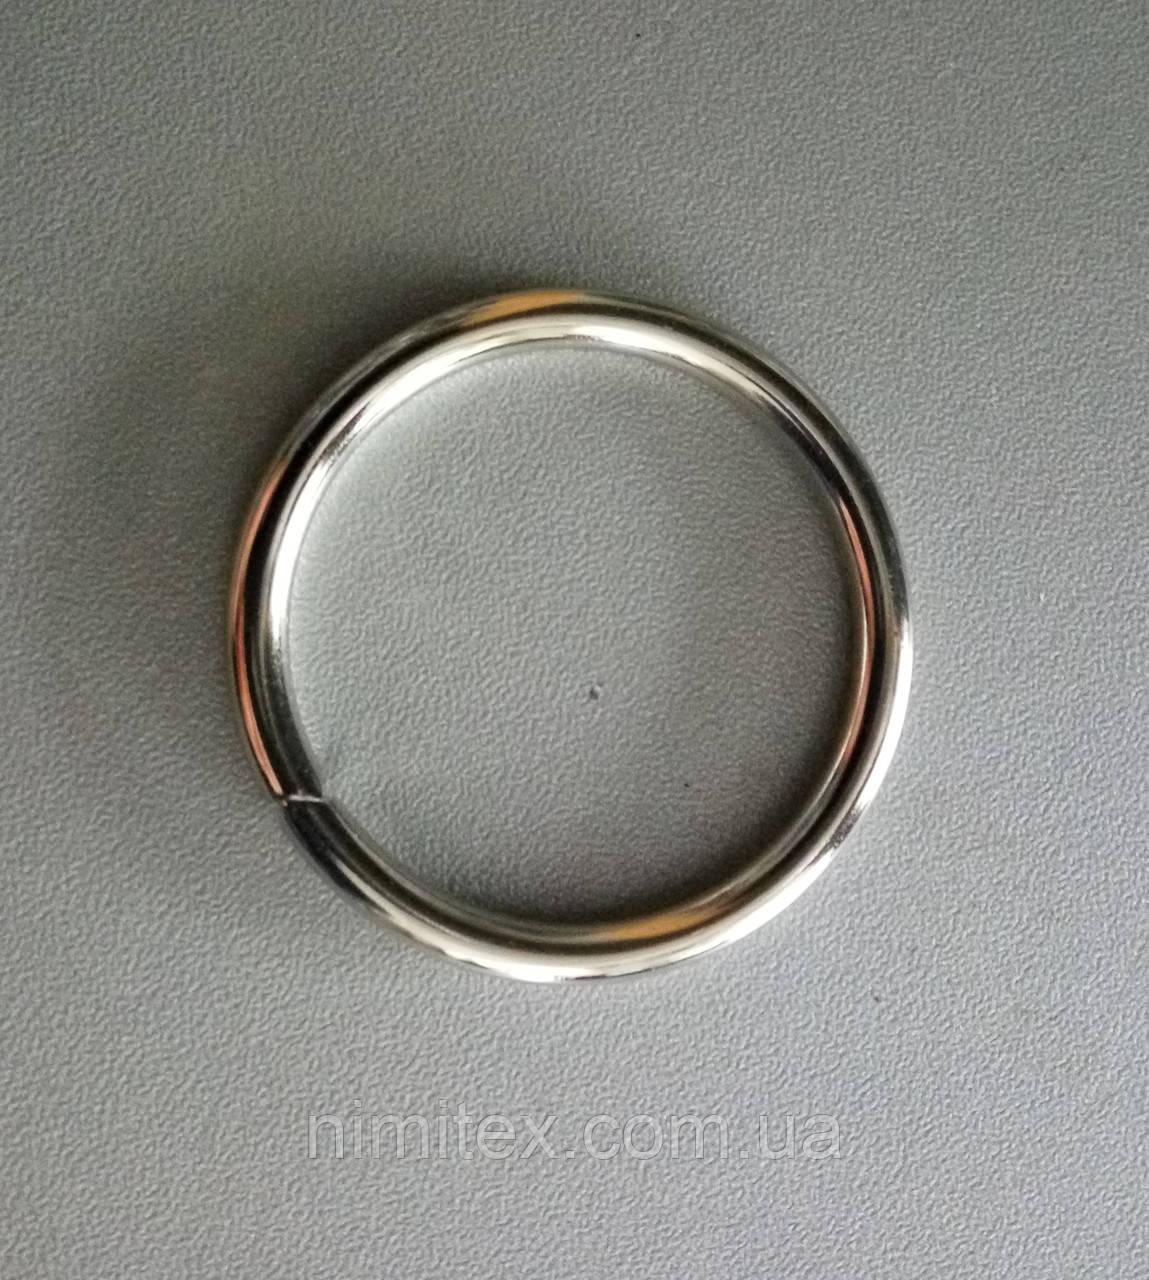 Кольцо литое сварное 36 мм никель